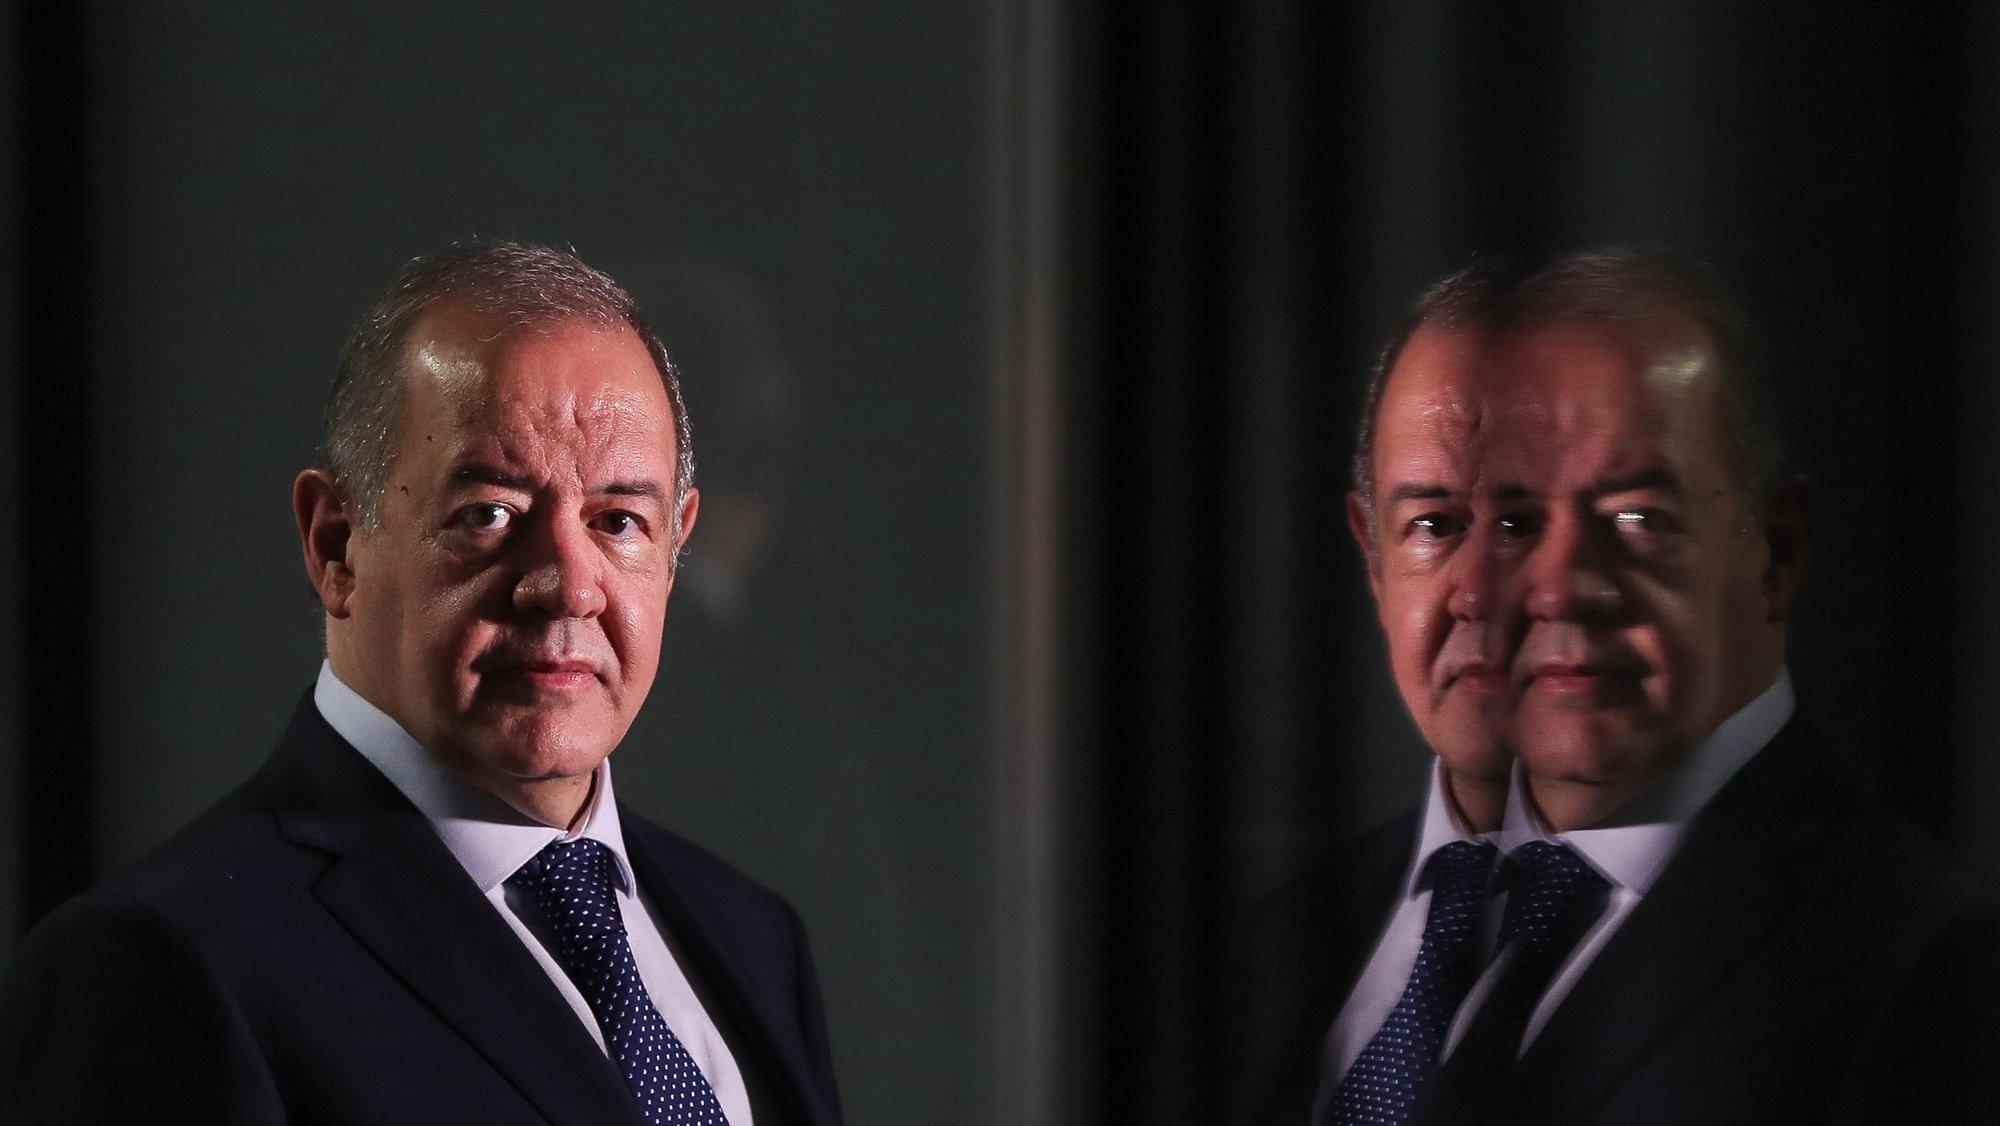 presidente da Comissão Nacional de Acompanhamento do Plano de Recuperação e Resiliência, António Costa e Silva